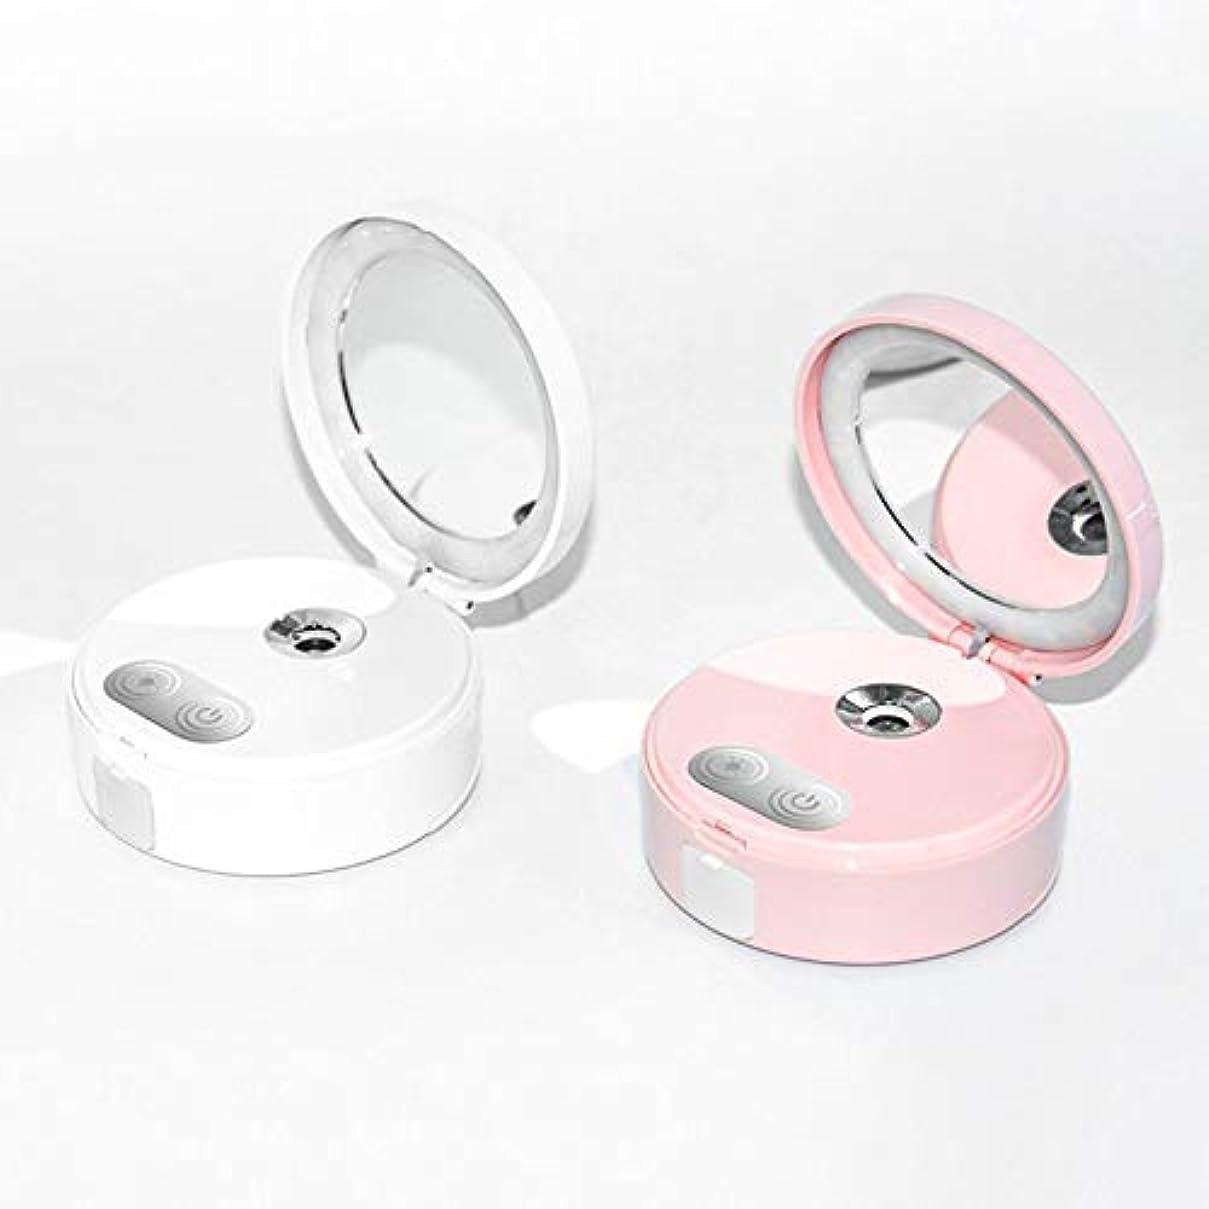 ジャズ死ぬ回路流行の ポータブル化粧鏡ナノスプレー水道メーターで充電宝物フィルライト機能三色調光マッサージマッサージミラー美容ミラーホワイトピンク